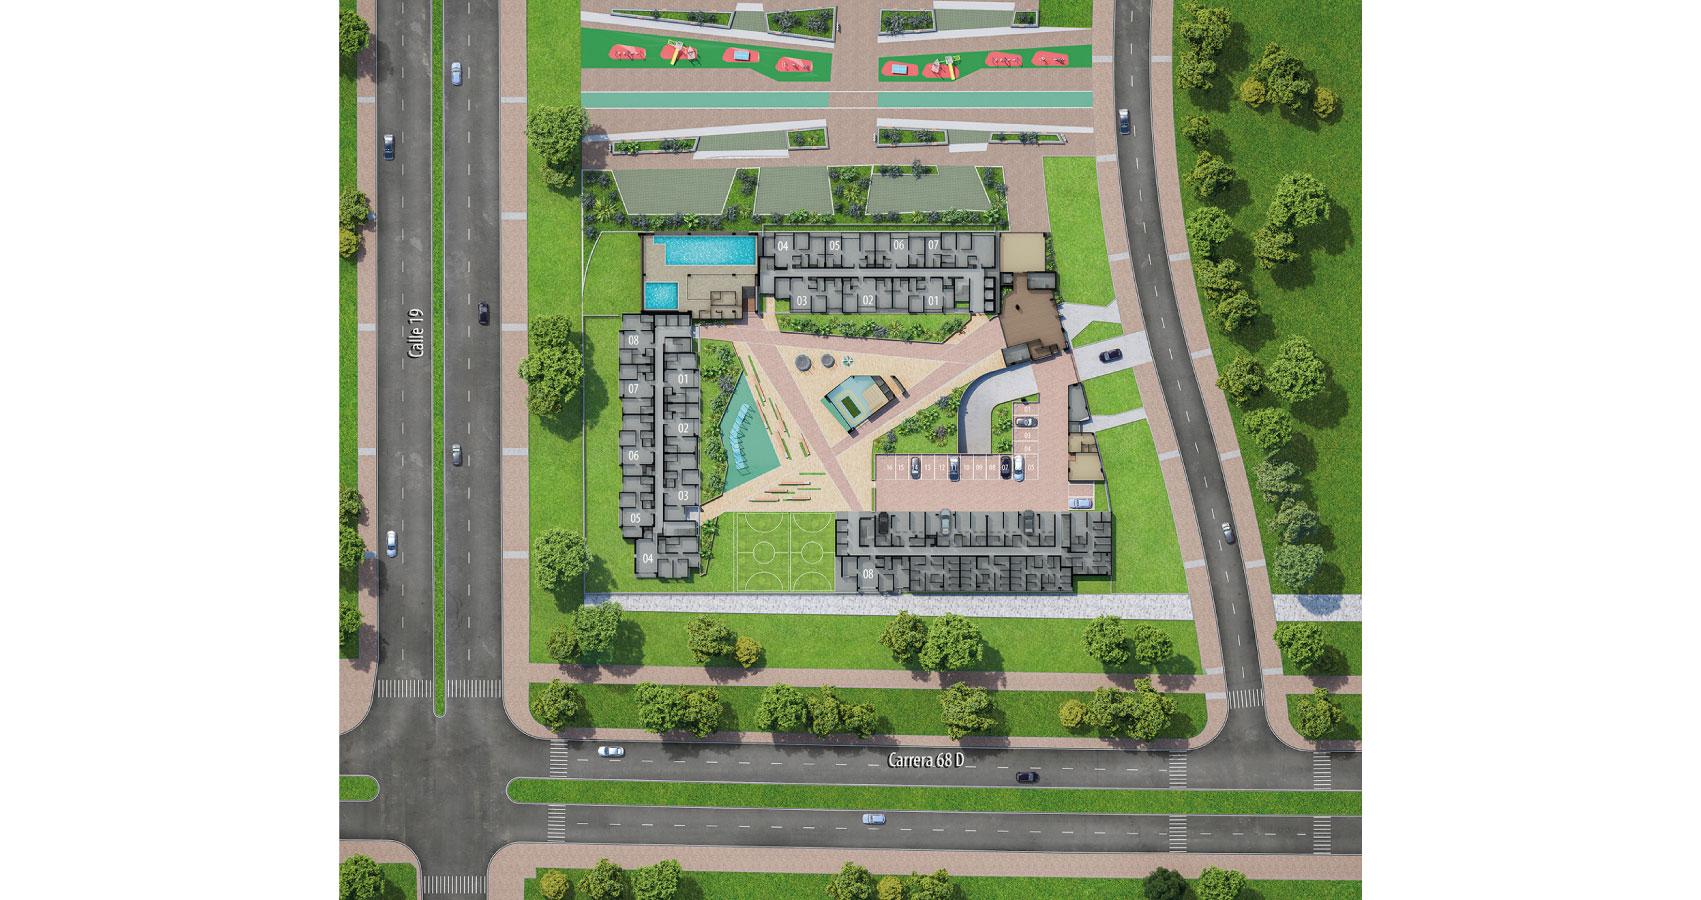 Austro proyecto de vivienda en Montevideo, Constructora Bolívar